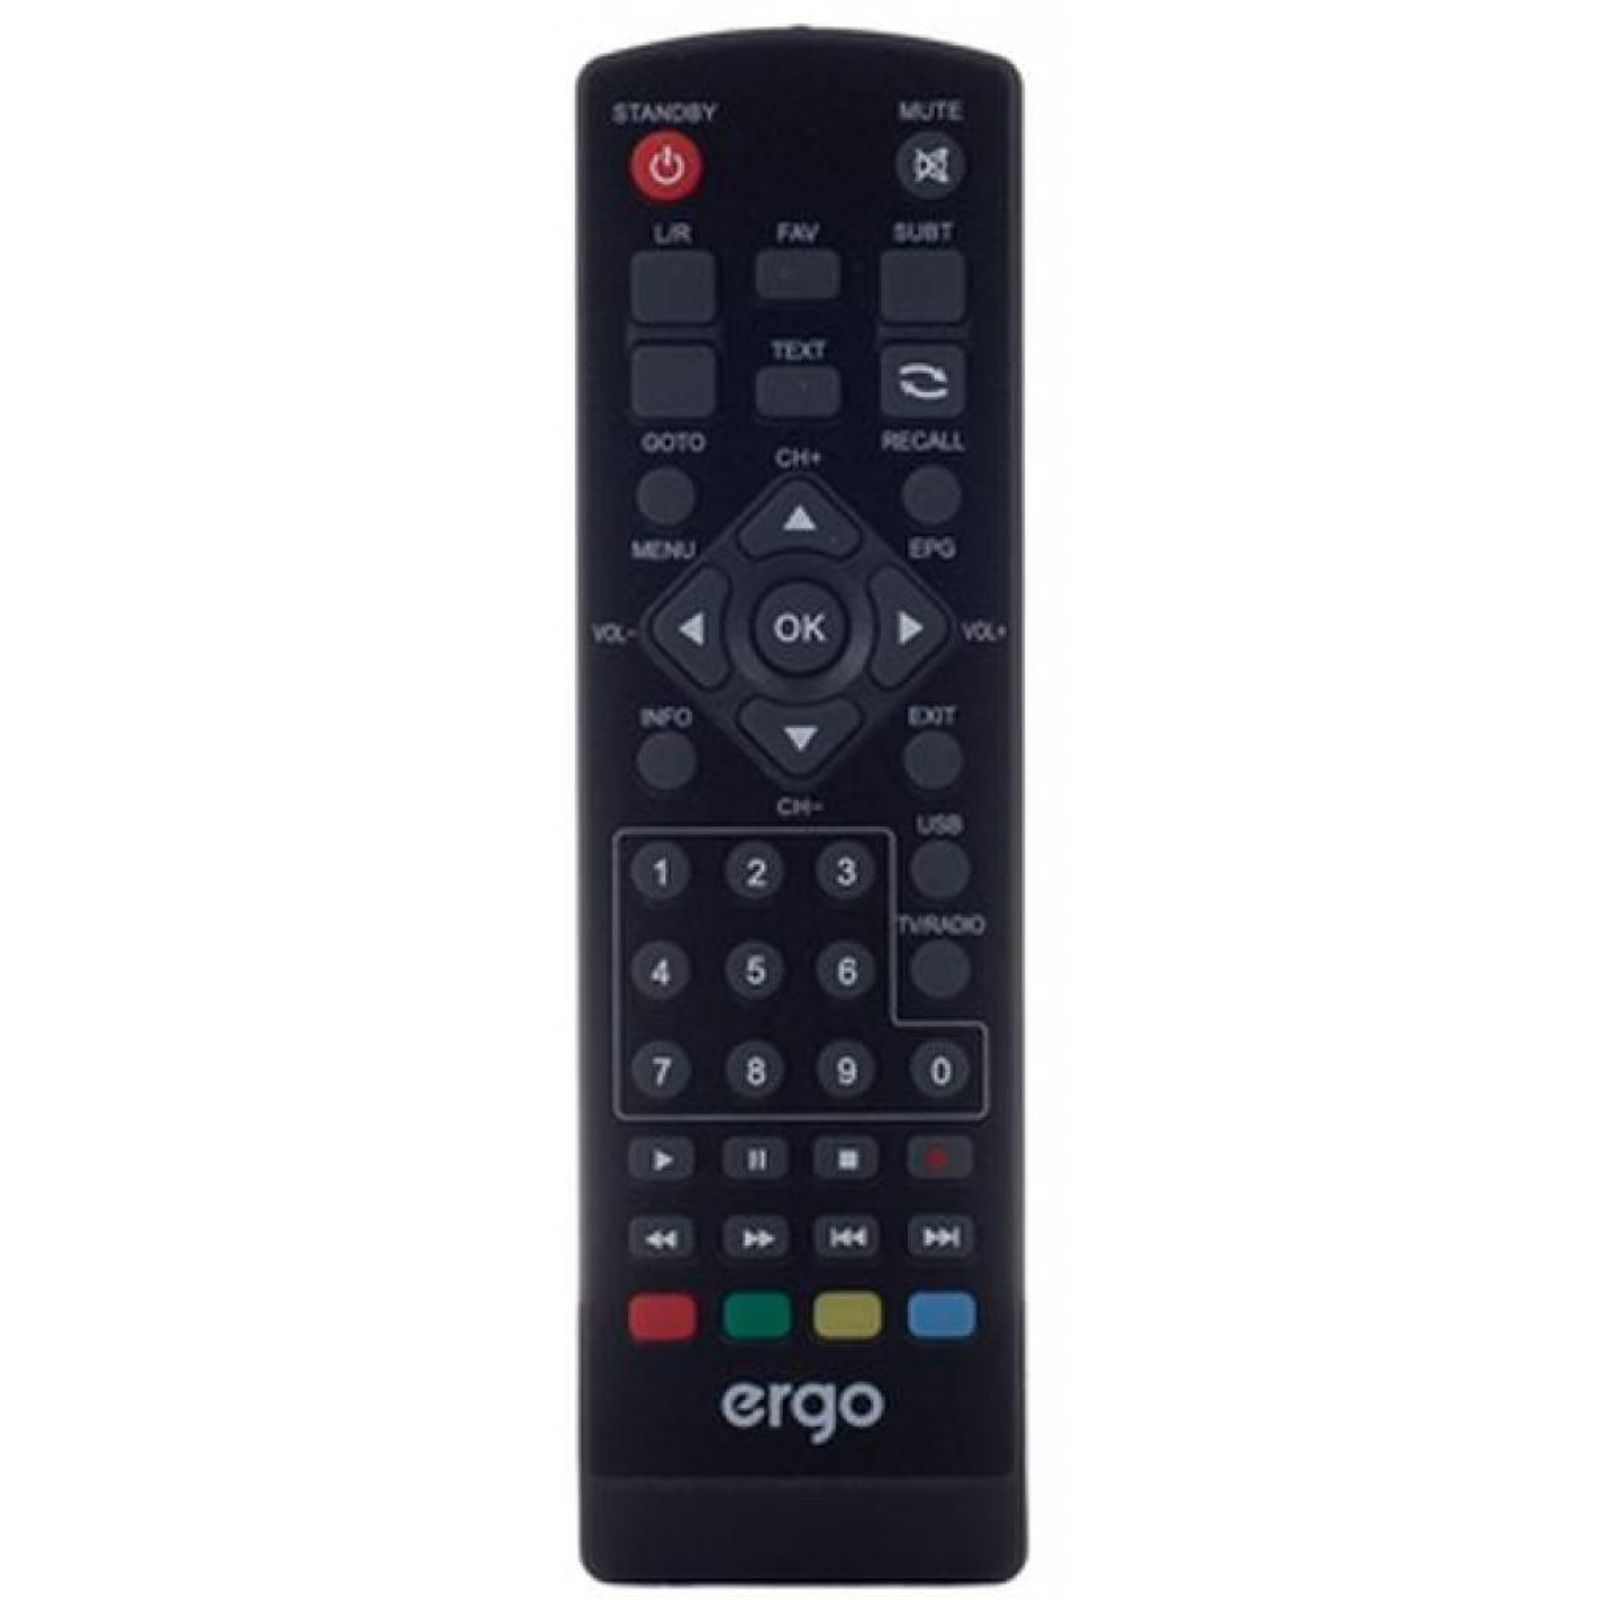 ТВ тюнер Ergo 1638 (DVB-T, DVB-T2) (STB-1638) изображение 7